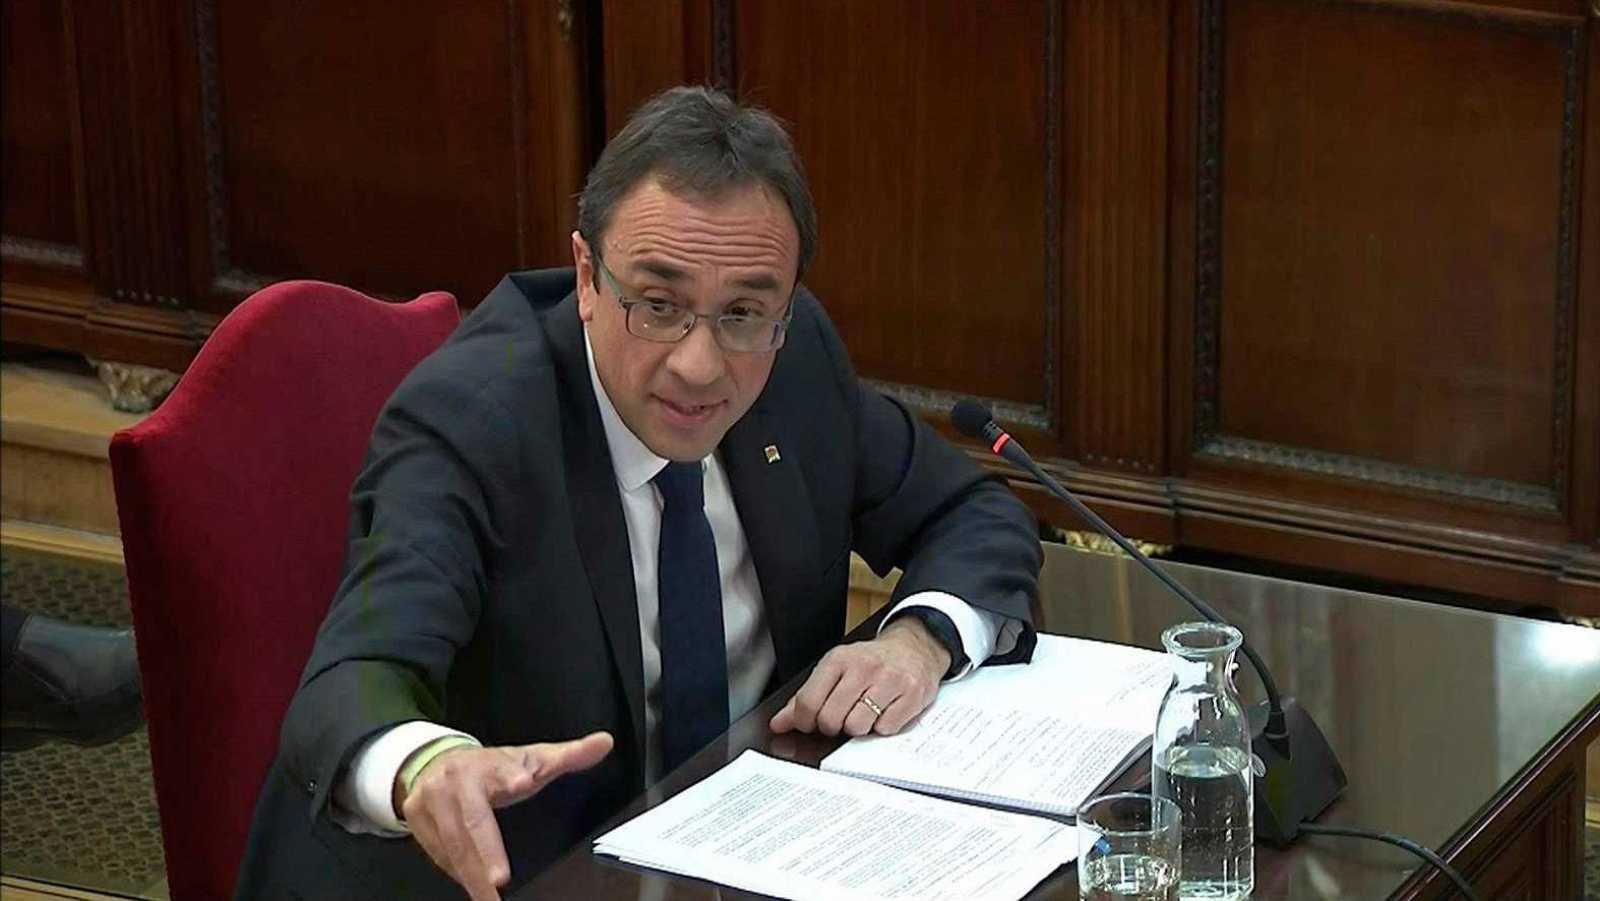 Josep Rull durante su declaración en el juicio por el referéndum ilegal del 1 de octubre (1-O).